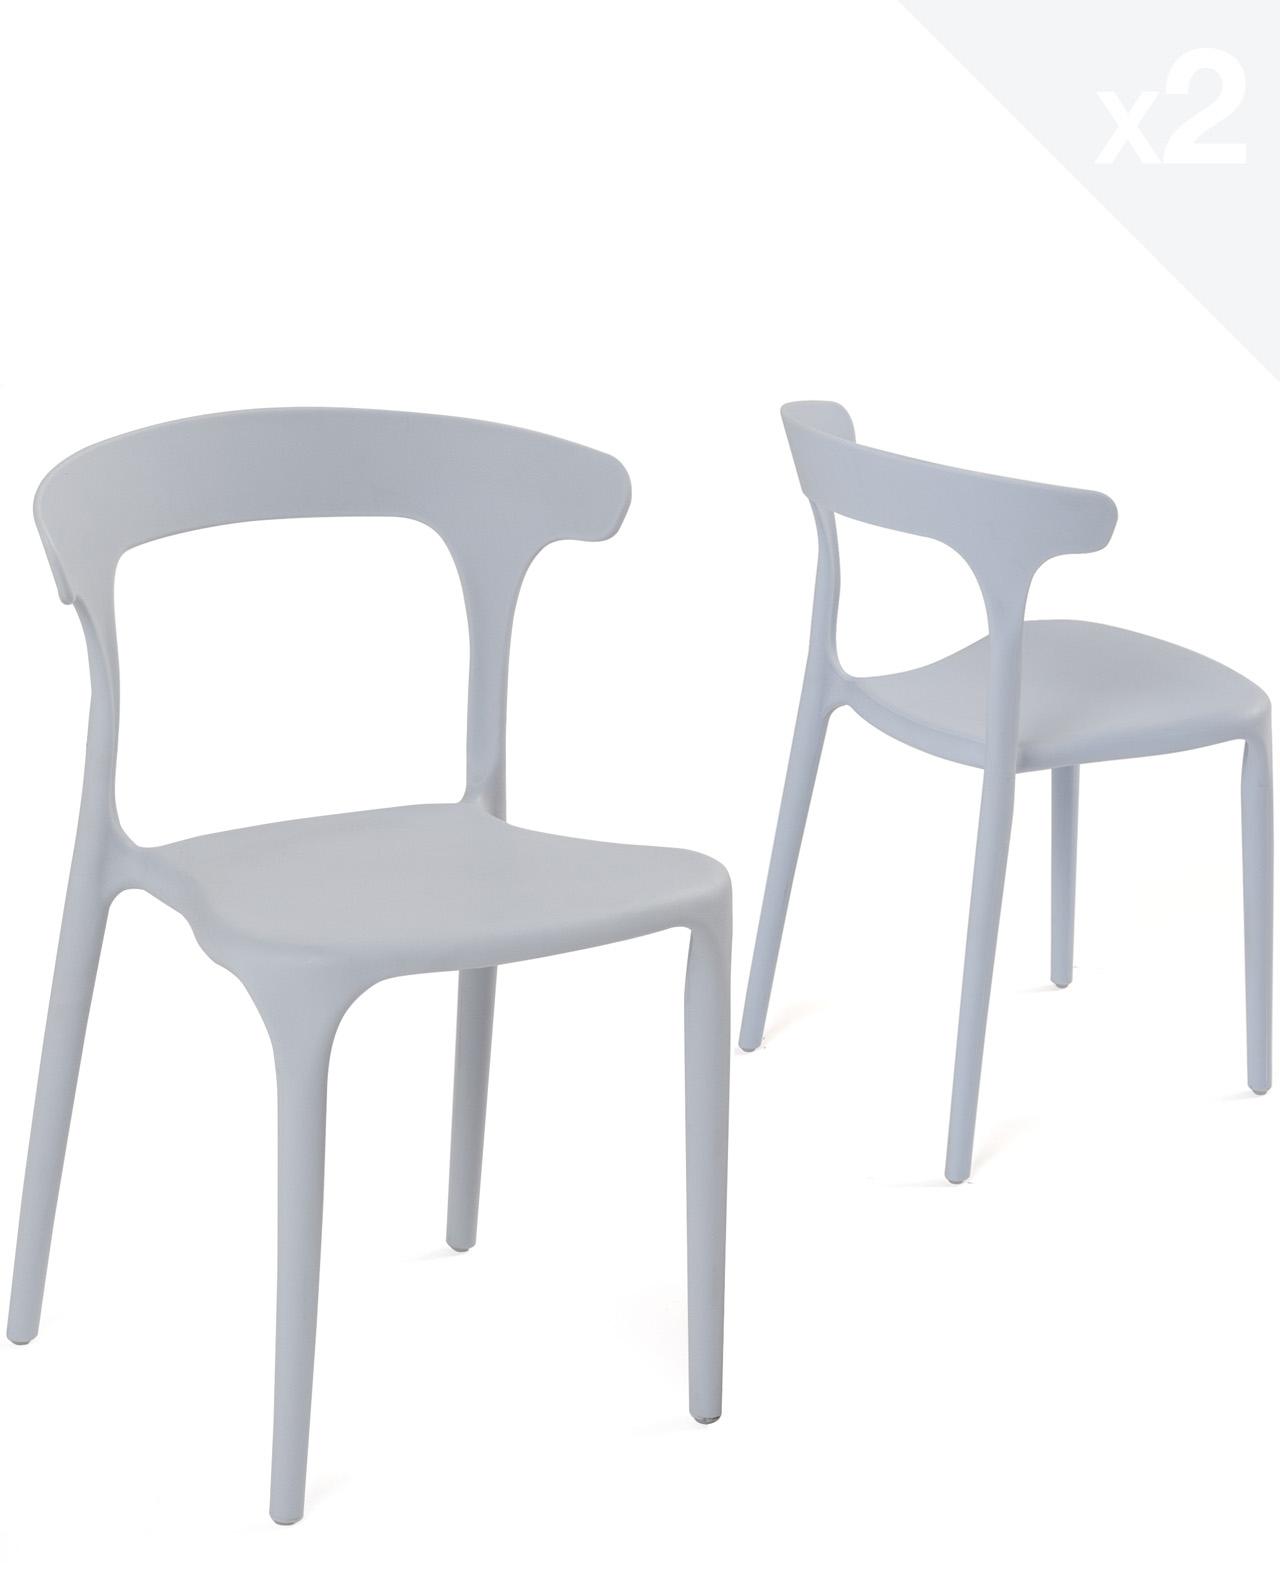 chaises design enfant beo lot de 2